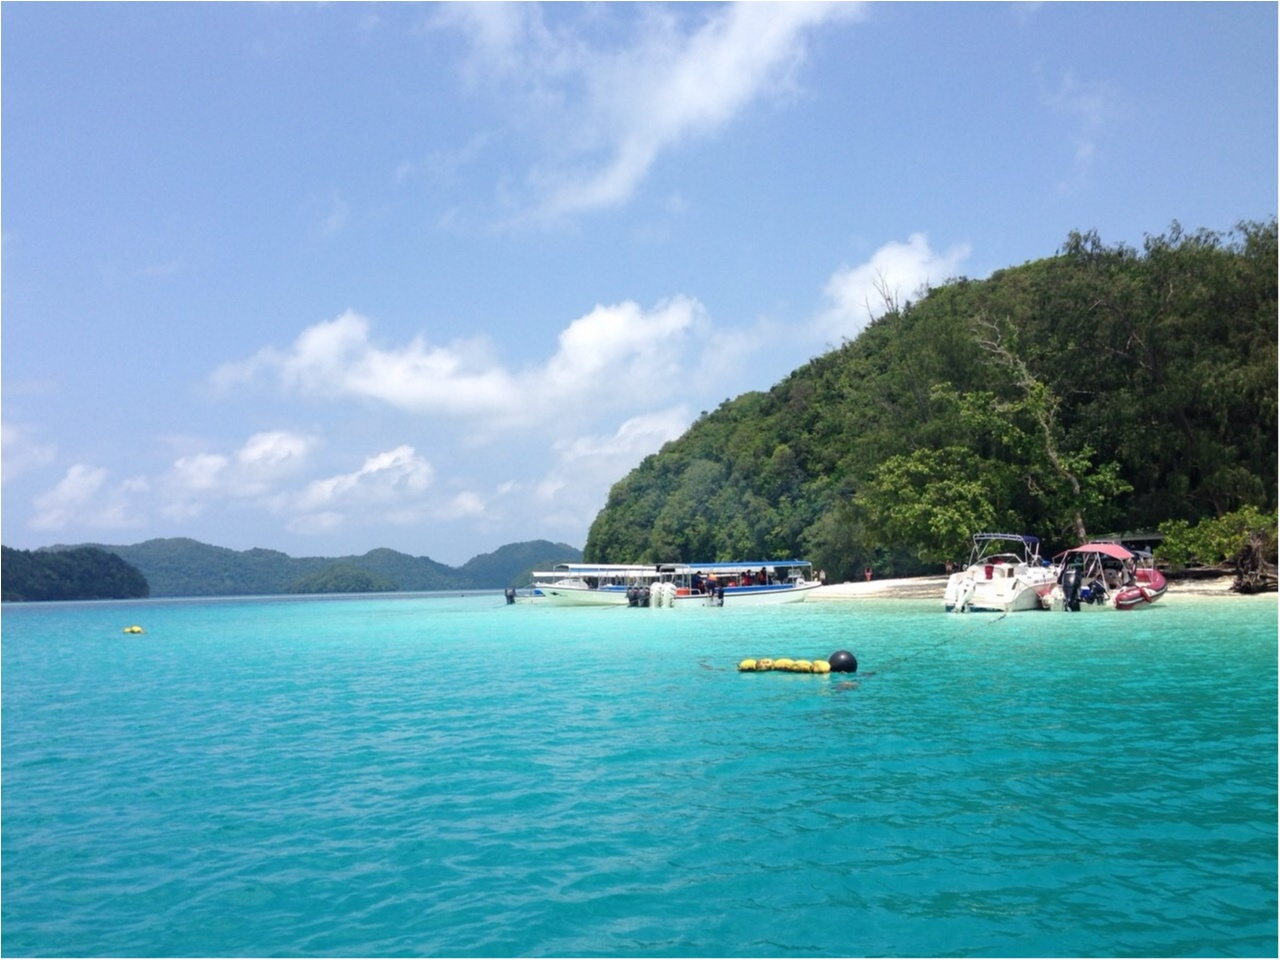 【Travel】そうだ、パラオに行こう。日本から4時間半で行ける南国リゾート地へ_2